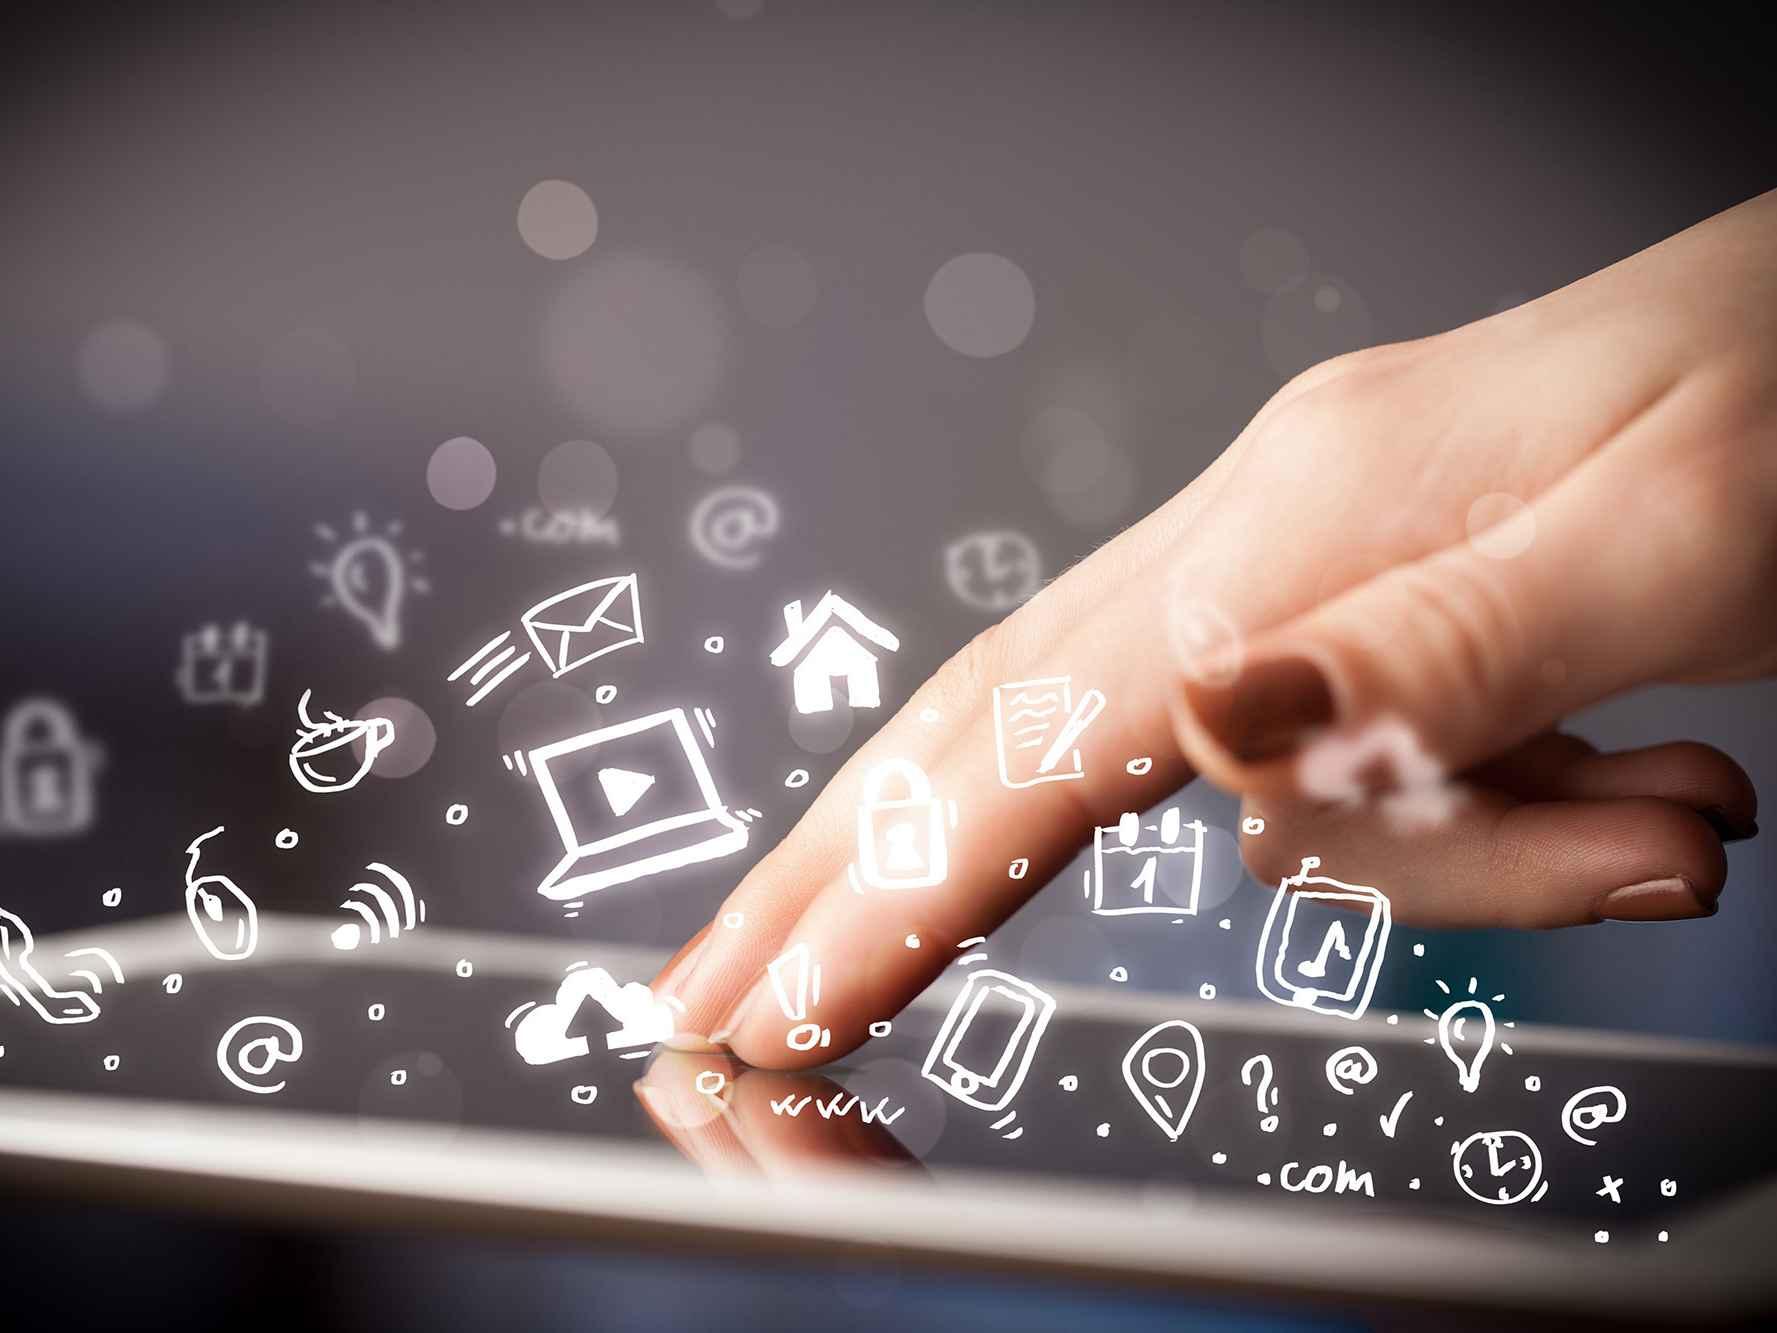 王立新:新科技时代与商业趋势变迁